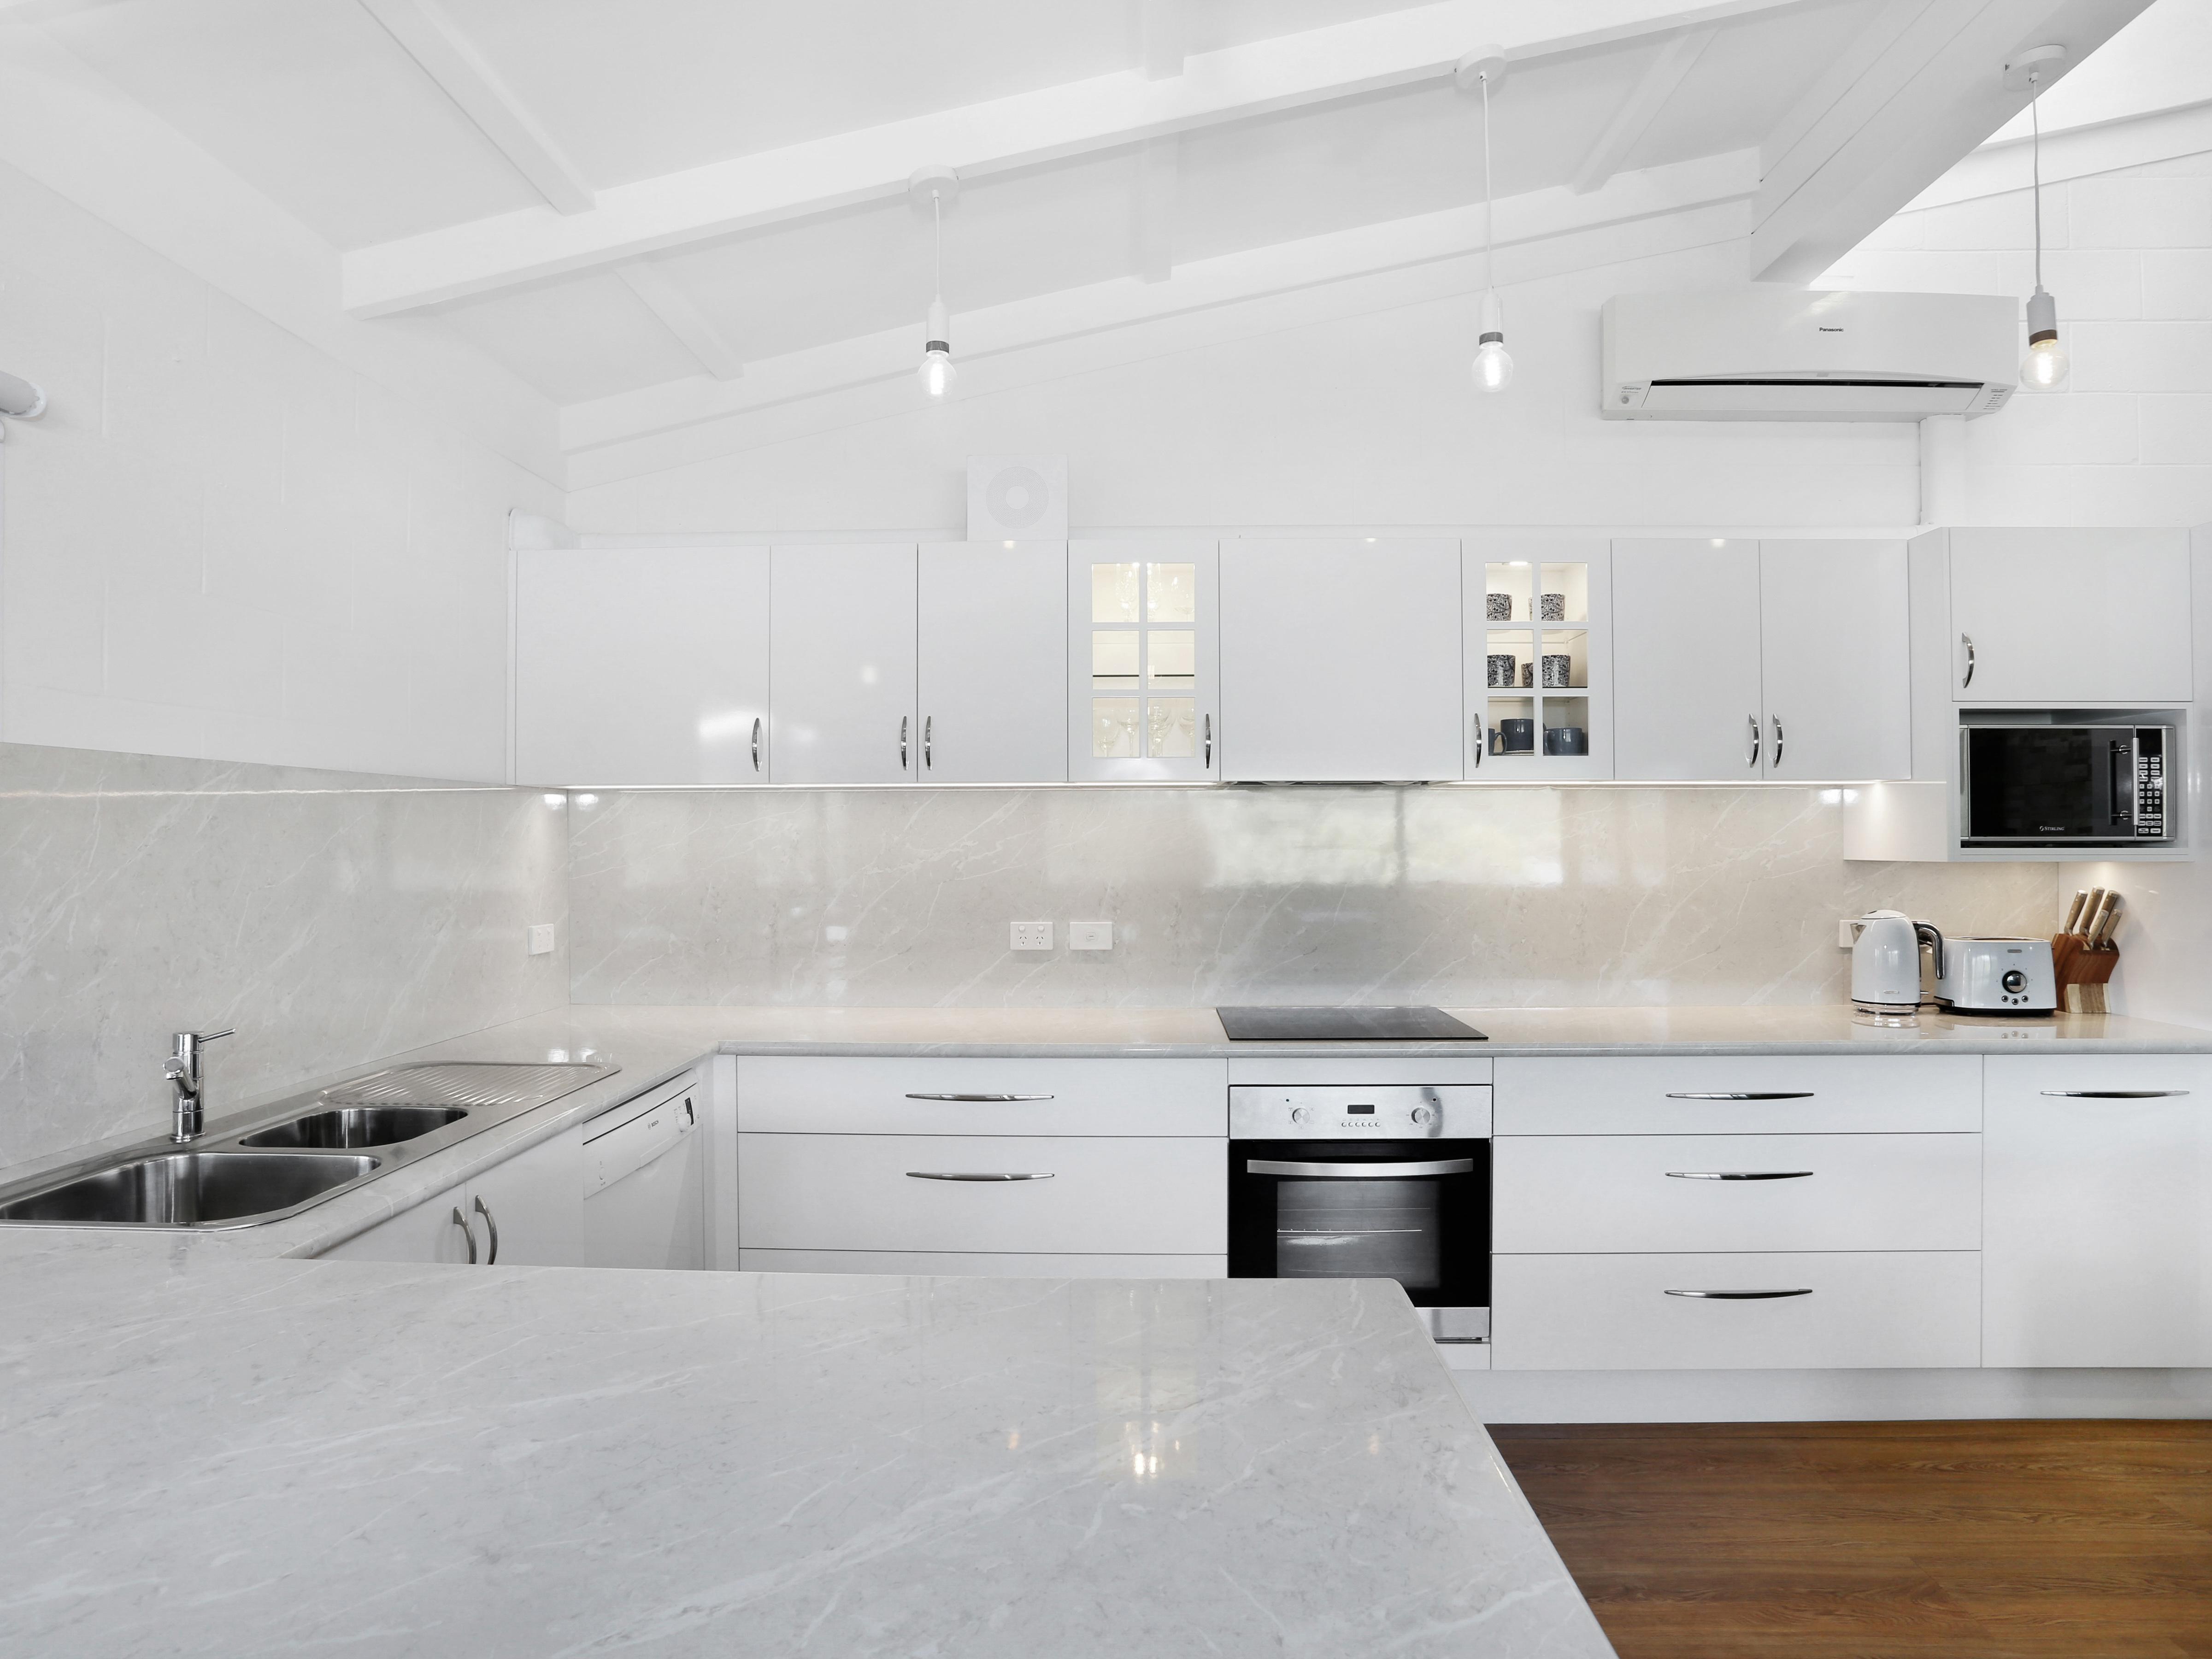 Admirals Kitchen gallery image